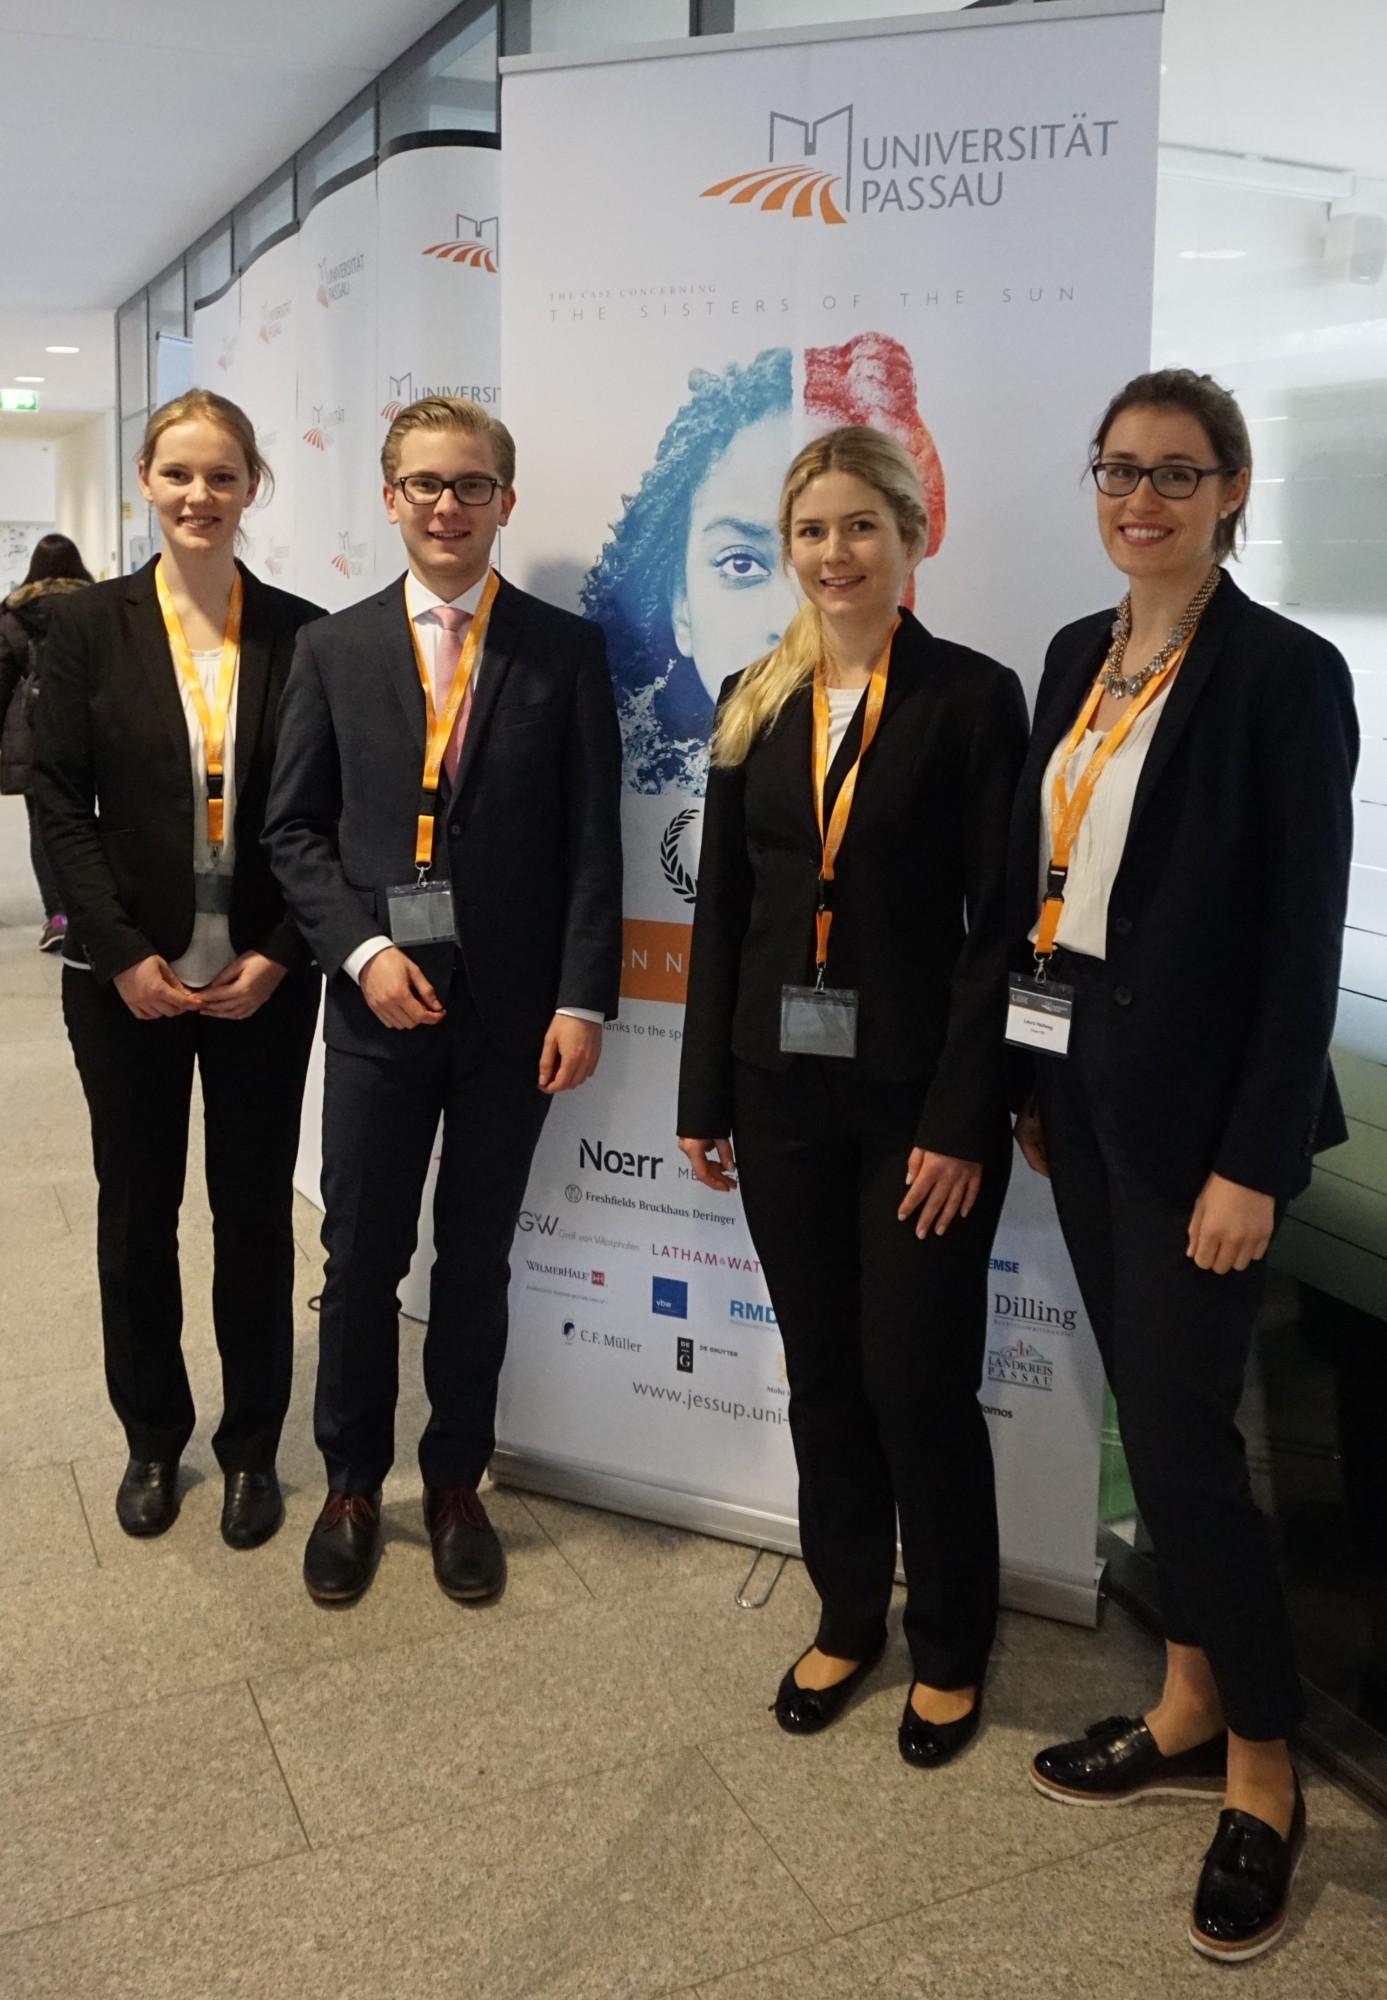 Das FAU Team 2017 (v.l. Anna Lena Helmreich, Tim Walz, Natalie Zmija und Laura Hellweg)